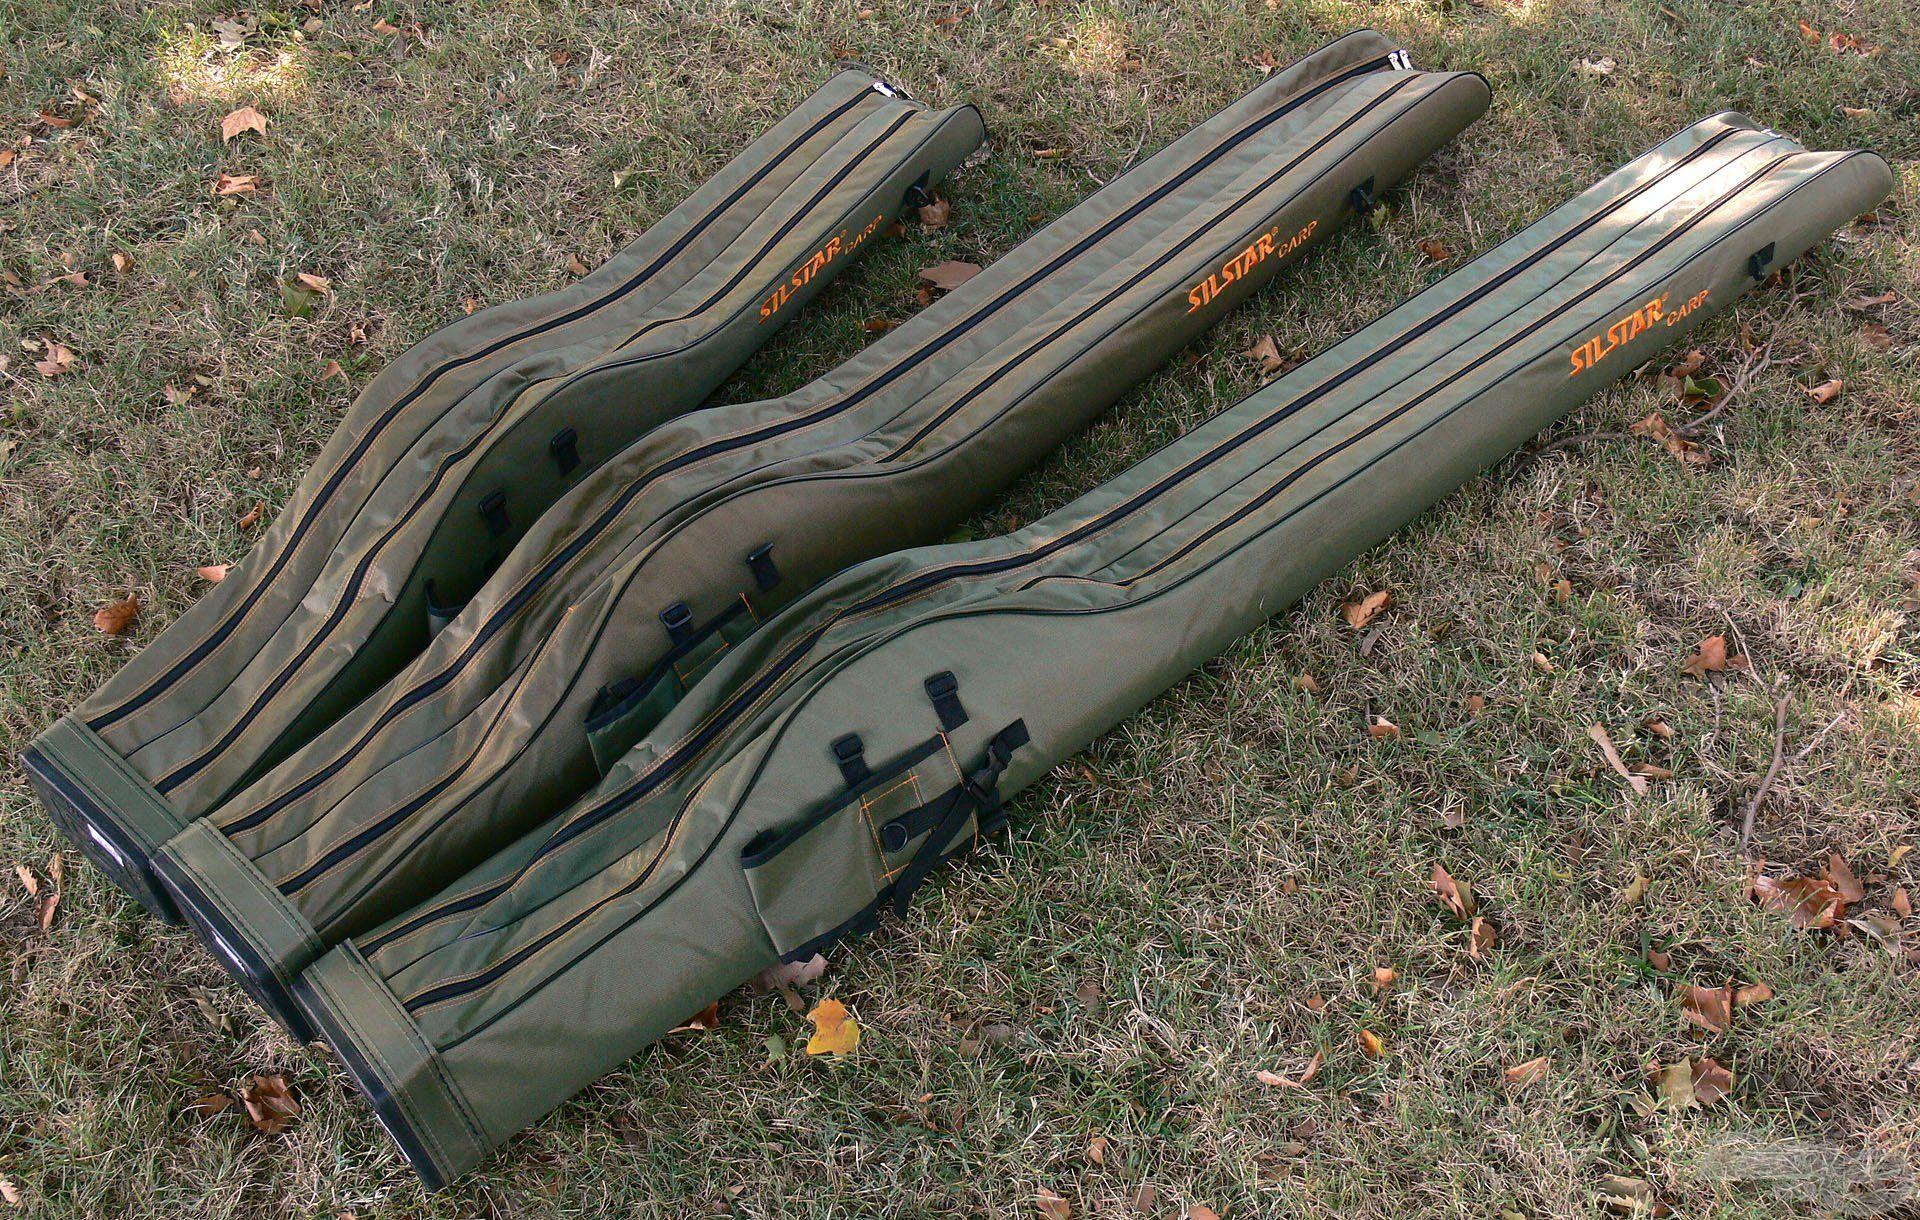 Igazán strapabíró, biztos védelmet nyújtó pontyozó bottartó táskák a Silstartól